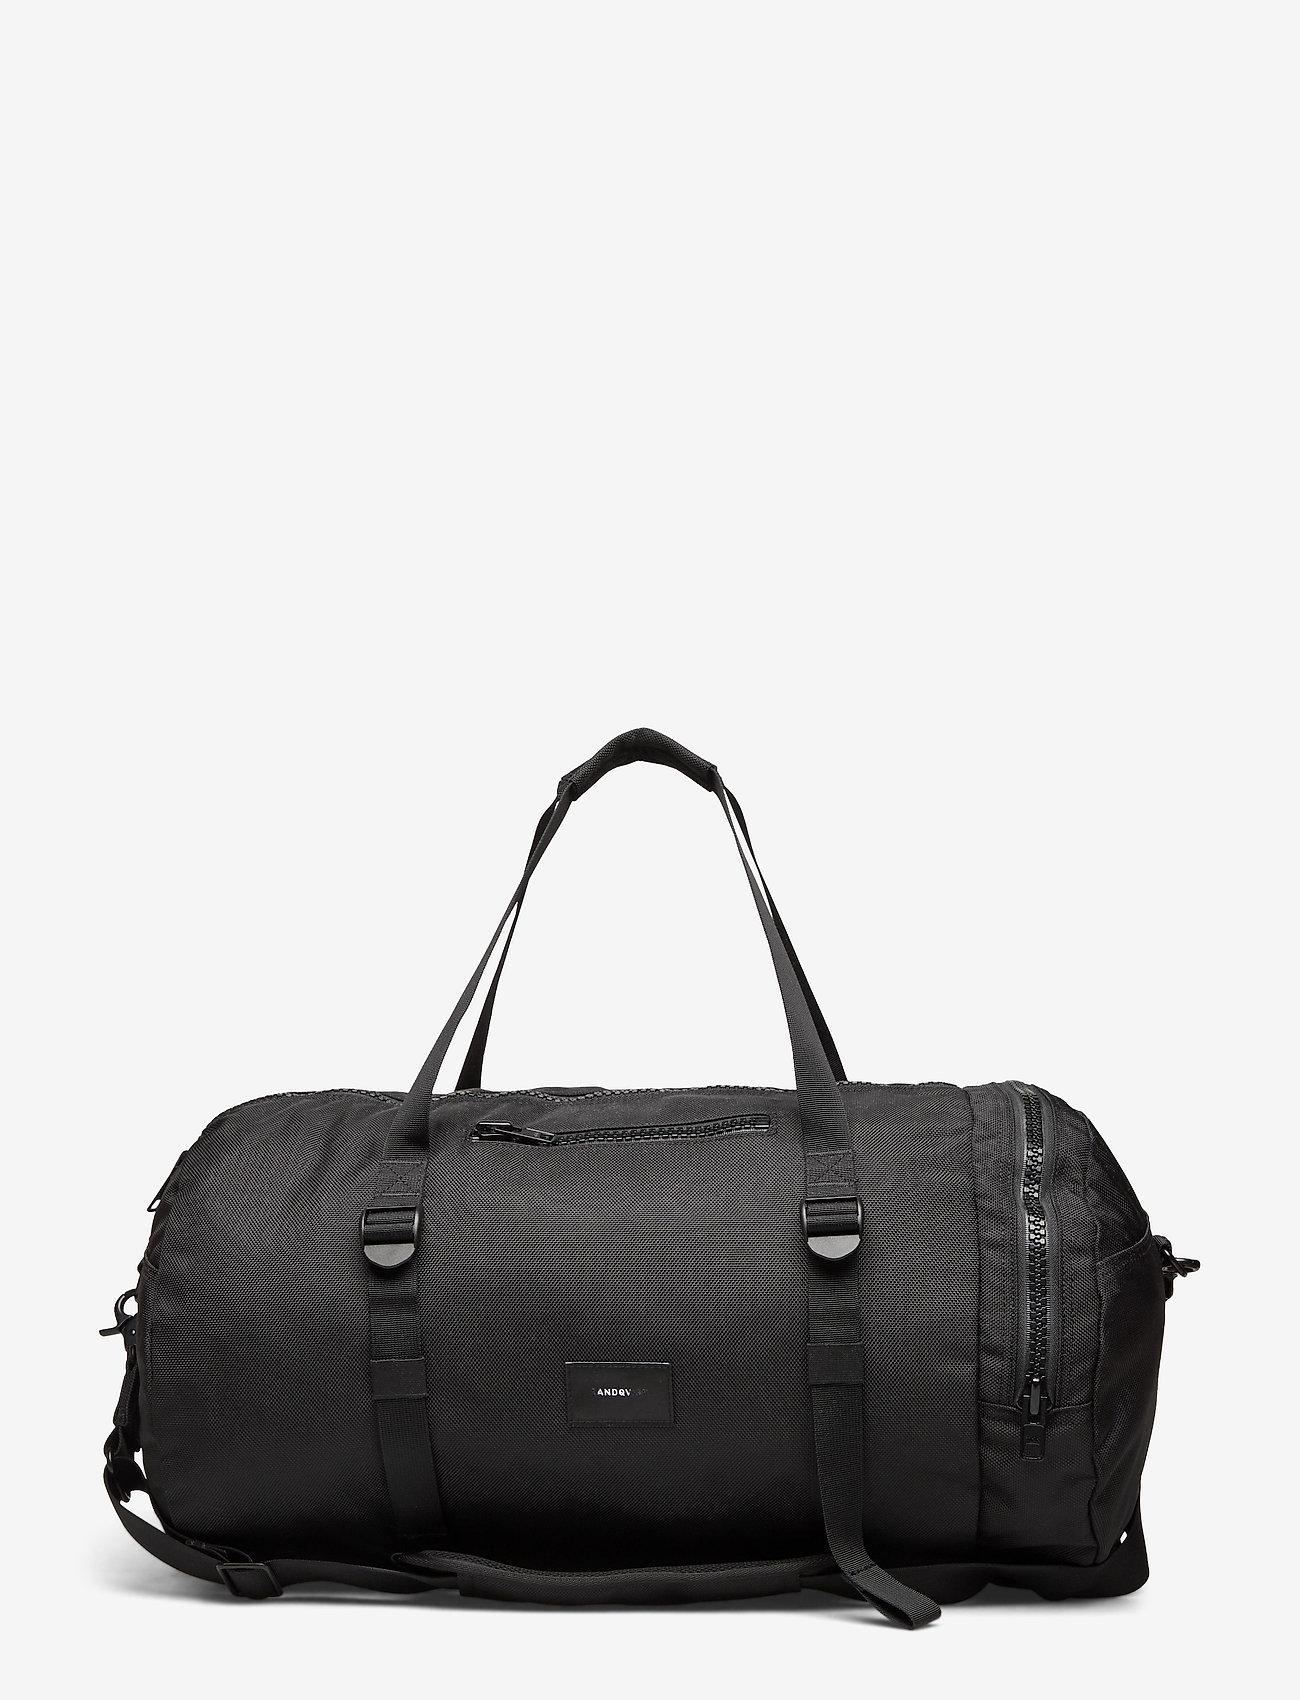 SANDQVIST - HANNES - weekend bags - black - 0